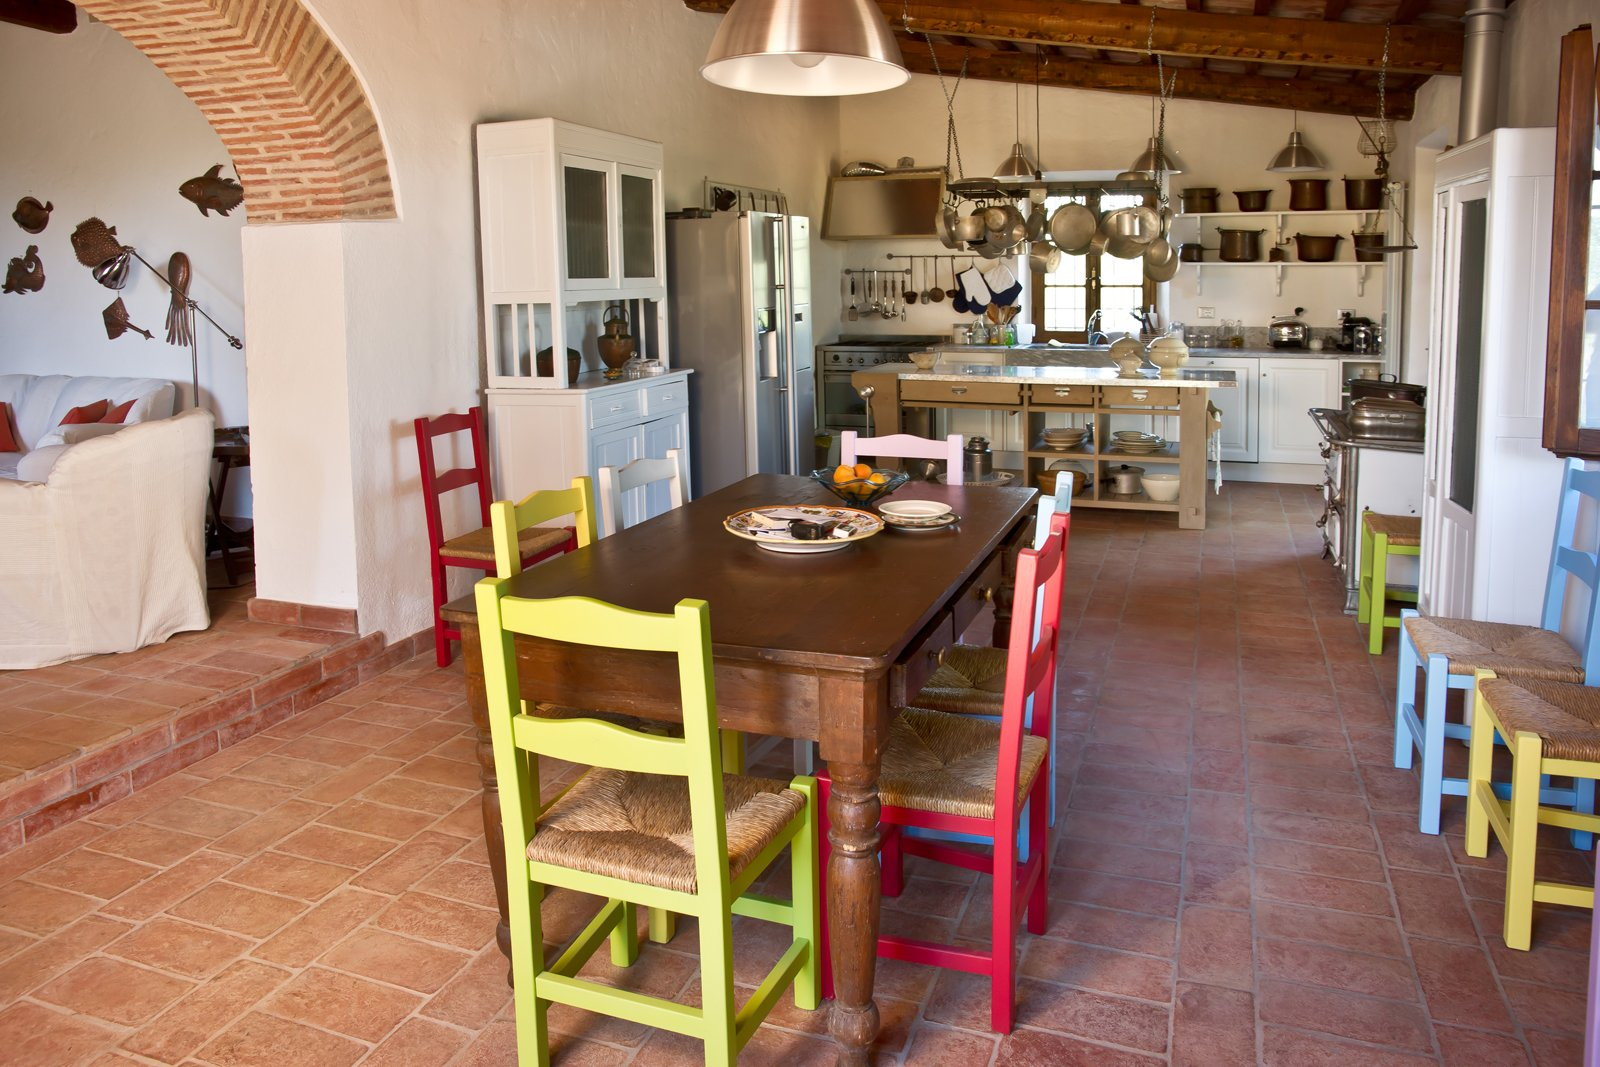 Piastrelle per il pavimento della cucina cose di casa - Piastrelle taverna ...